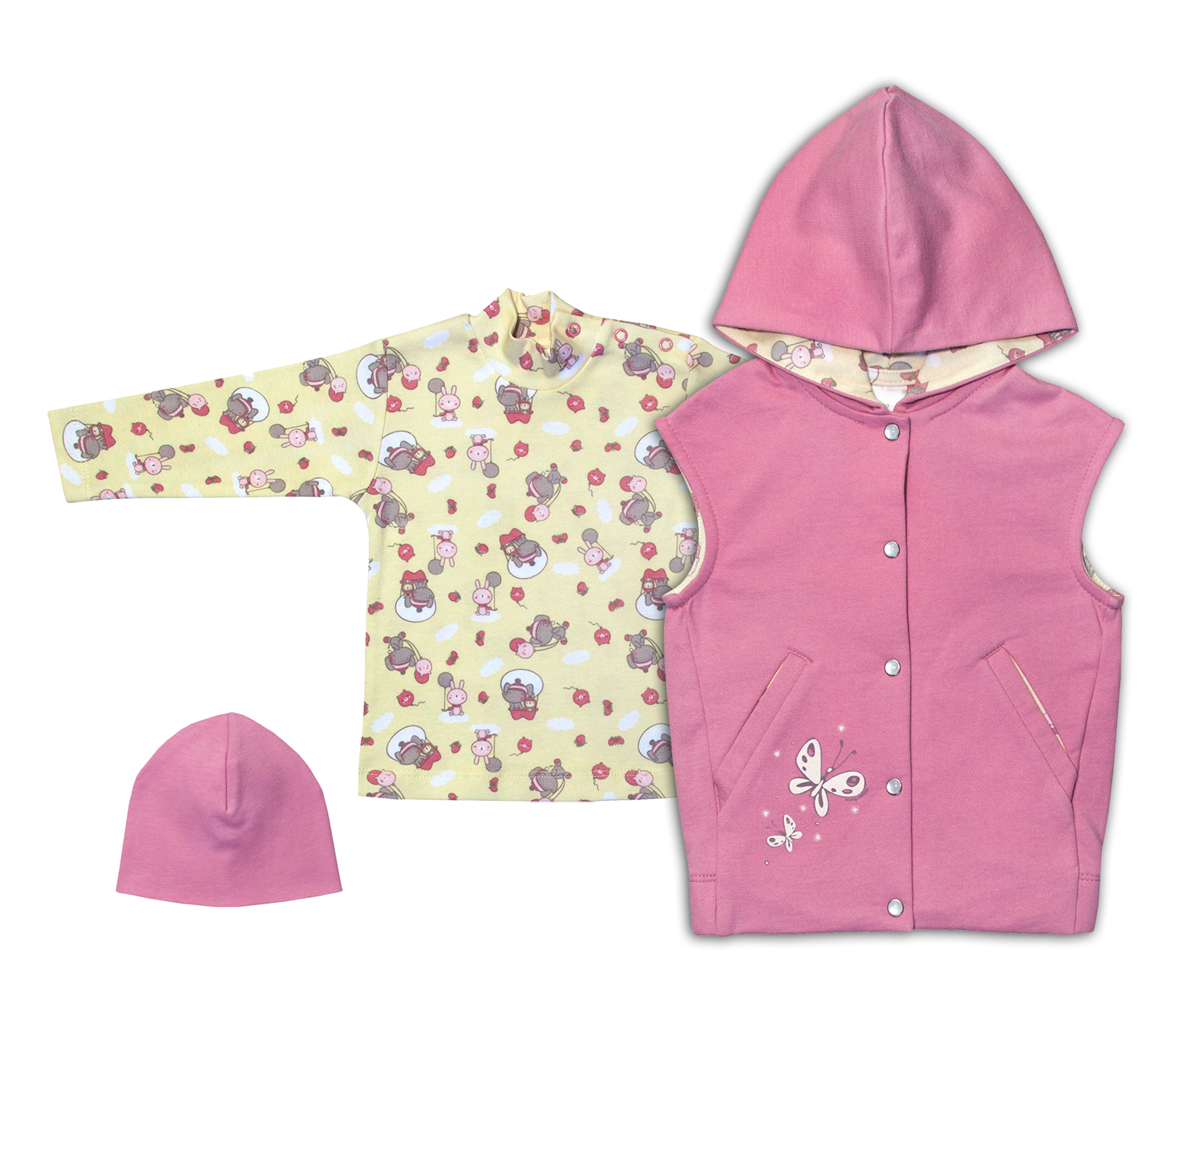 Комплект одежды для девочки Мамуляндия: жилет, водолазка, шапка, цвет: розовый, желтый. 17-1414. Размер 86 водолазки и лонгсливы мамуляндия джемпер ягодки 17 206